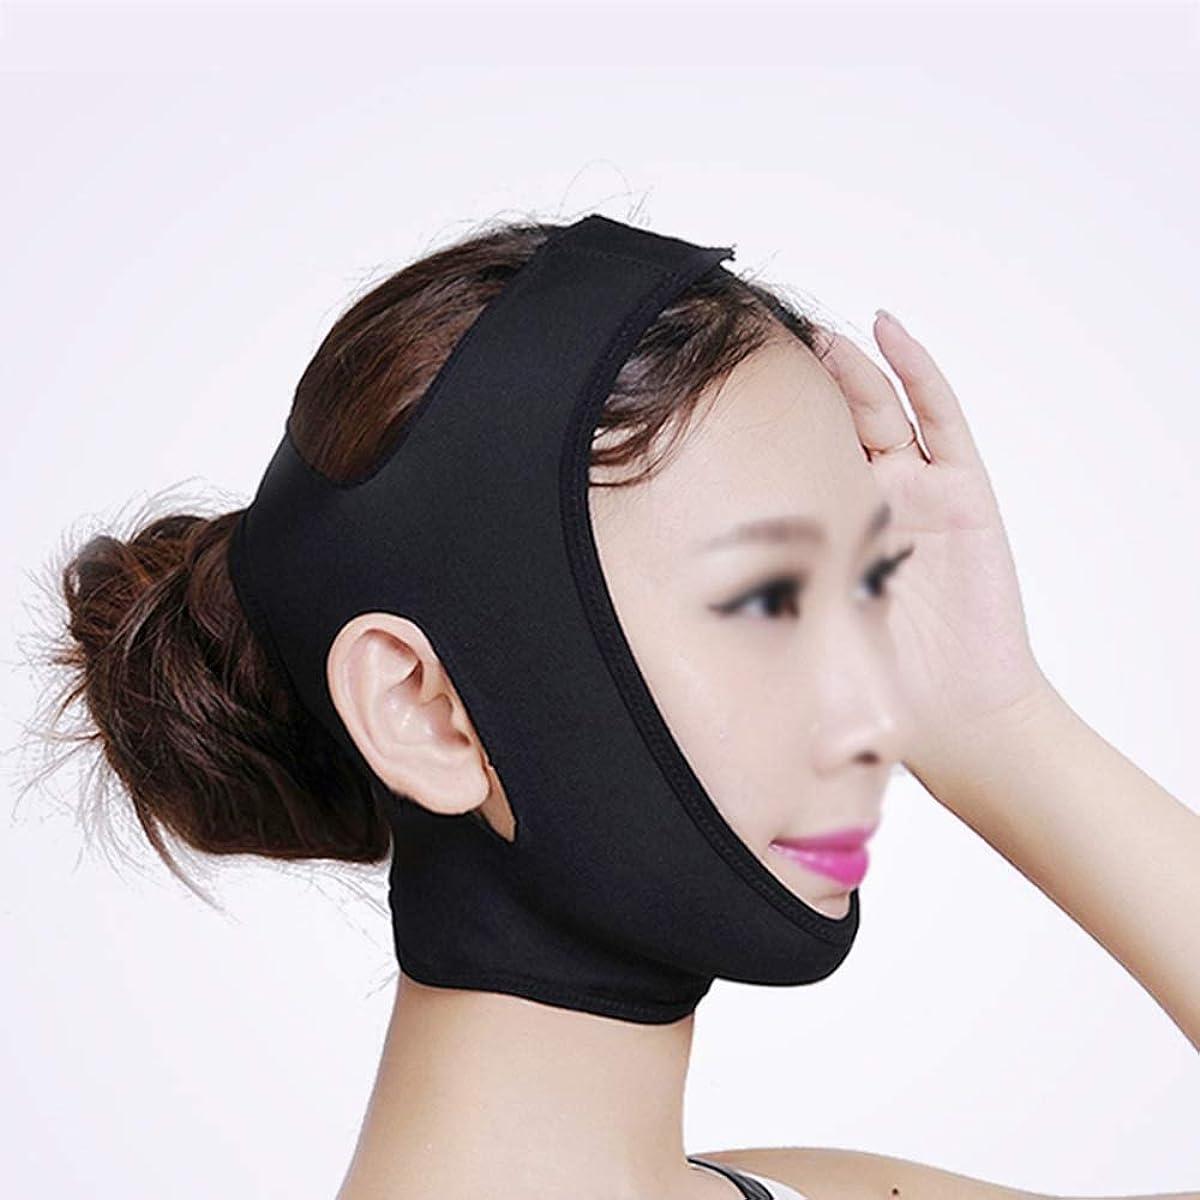 音声漫画岩フェイシャル減量マスクリフティングフェイス、フェイスマスク、減量包帯を除去するためのダブルチン、フェイシャルリフティング包帯、ダブルチンを減らすためのリフティングベルト(カラー:ブラック、サイズ:M),黒、XXL